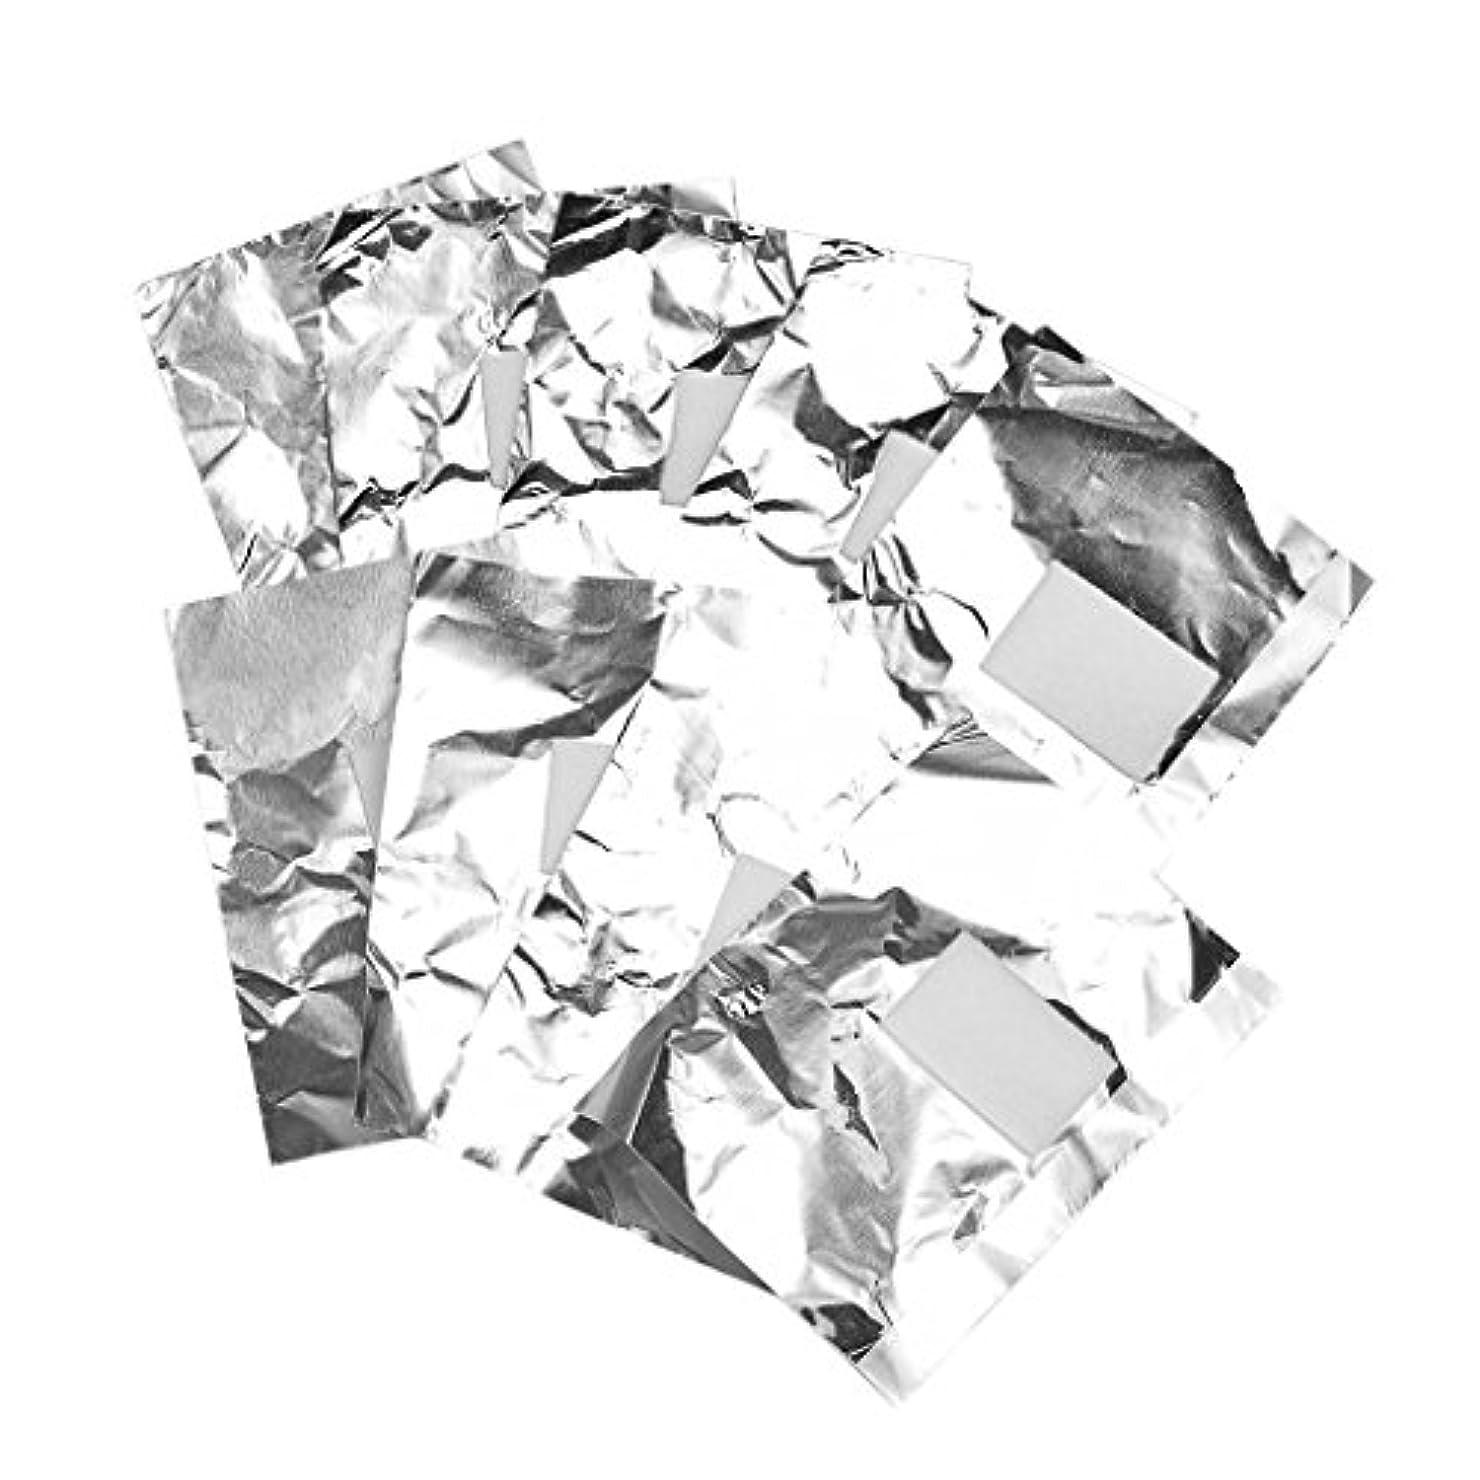 頭痛悲しむ堀約100枚 ジェル除却 ネイルアート 錫箔紙 のり除却可能 ネイルオイル クリーナーツール 爪装飾除き 包み紙